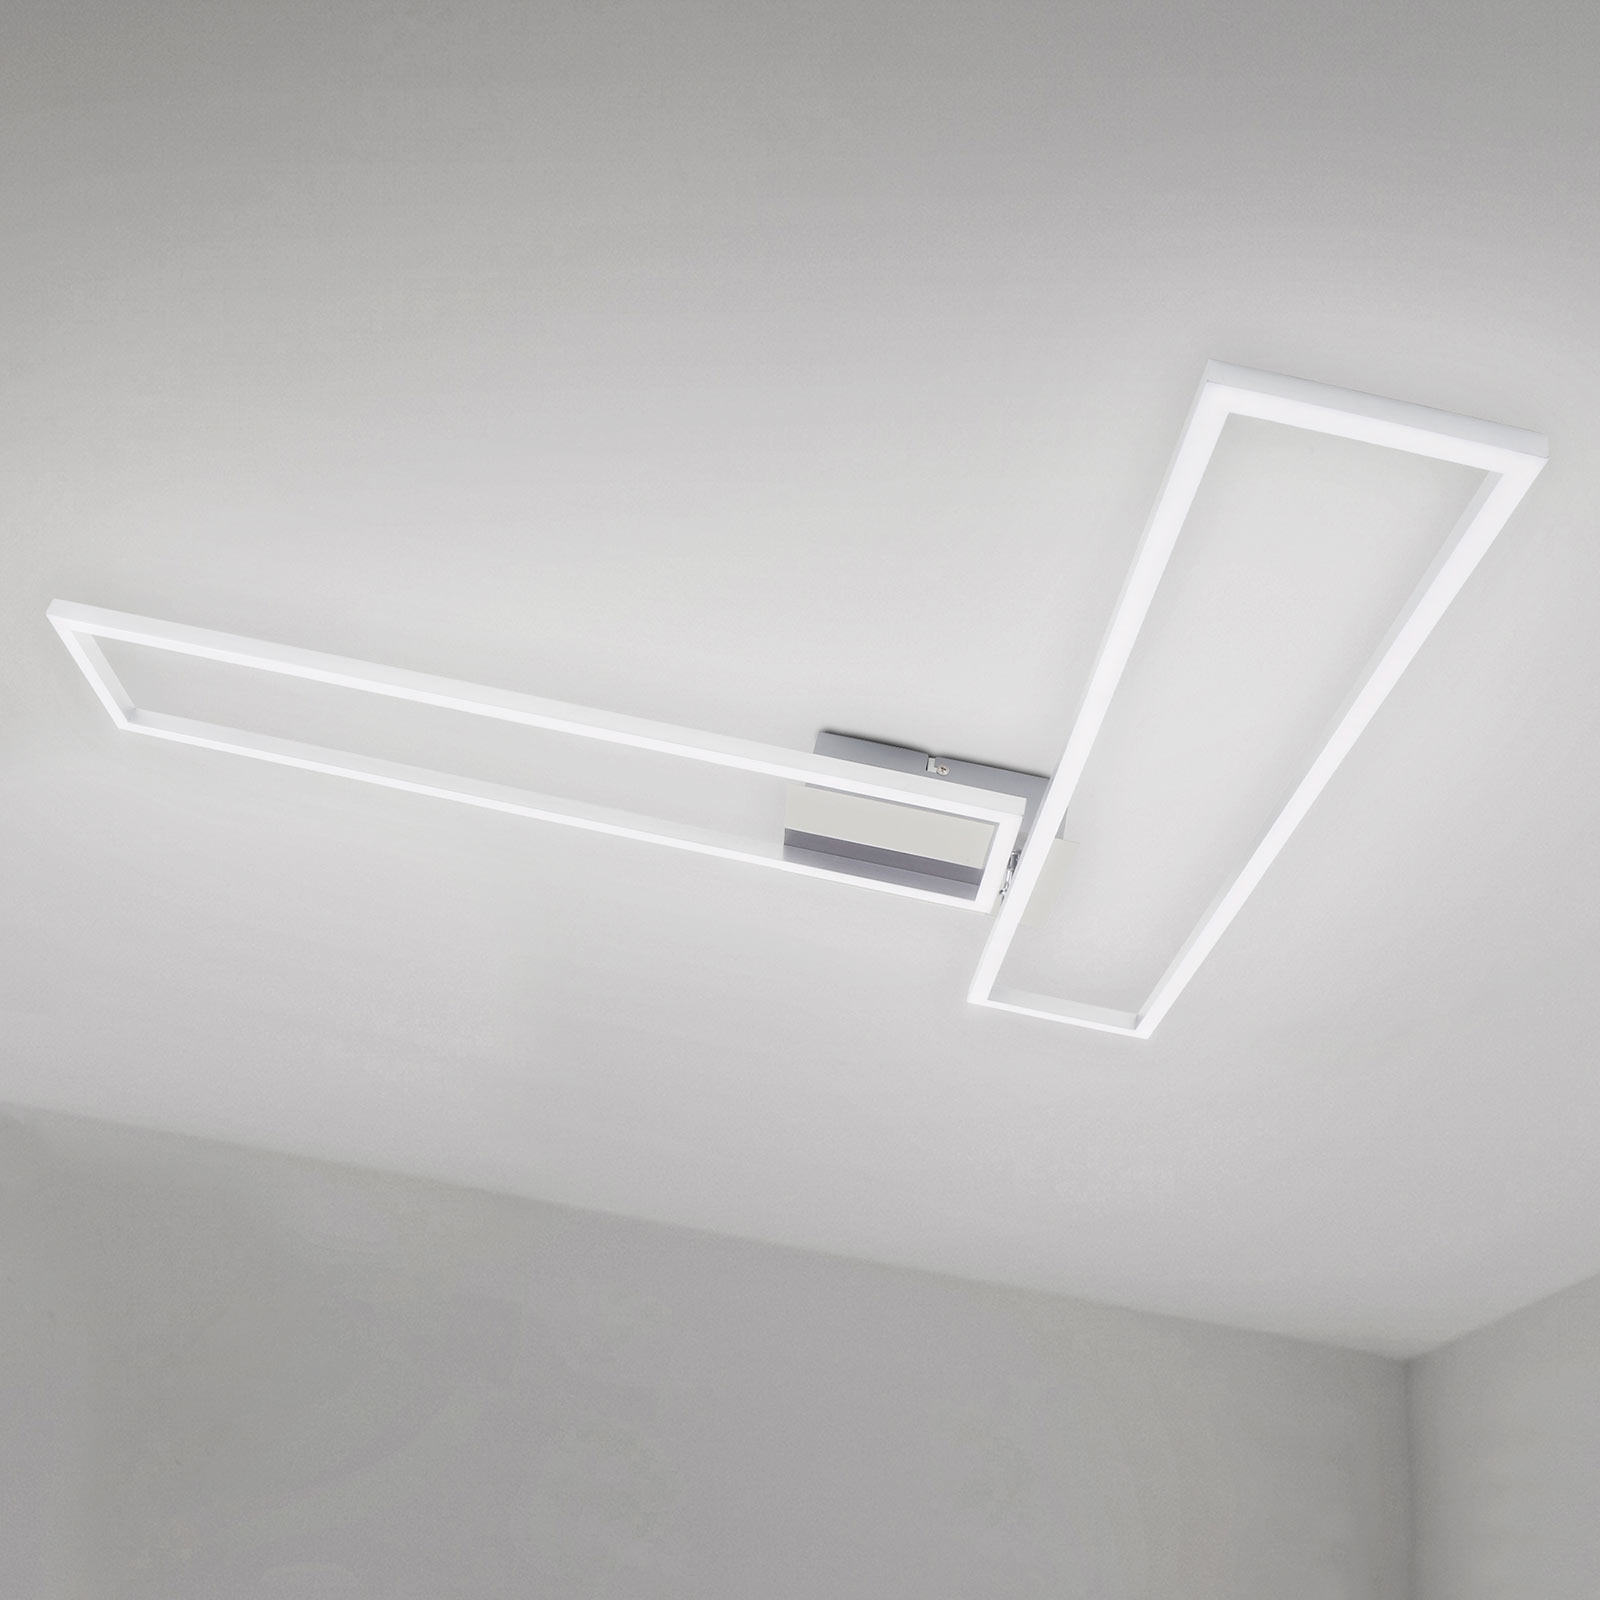 Plafonnier Frame WiFi CCT, télécommande, aluminium